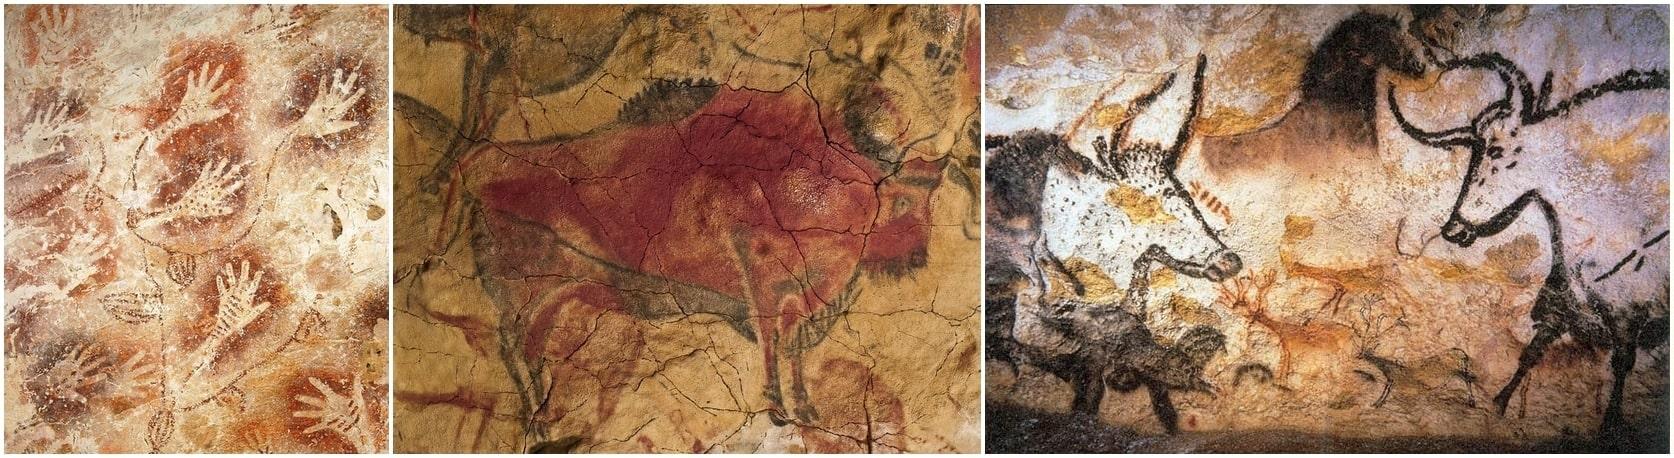 Borneó, Altamira, Lascaux - barlangrajzok 40, 30 és 20 ezer évvel ezelőttről